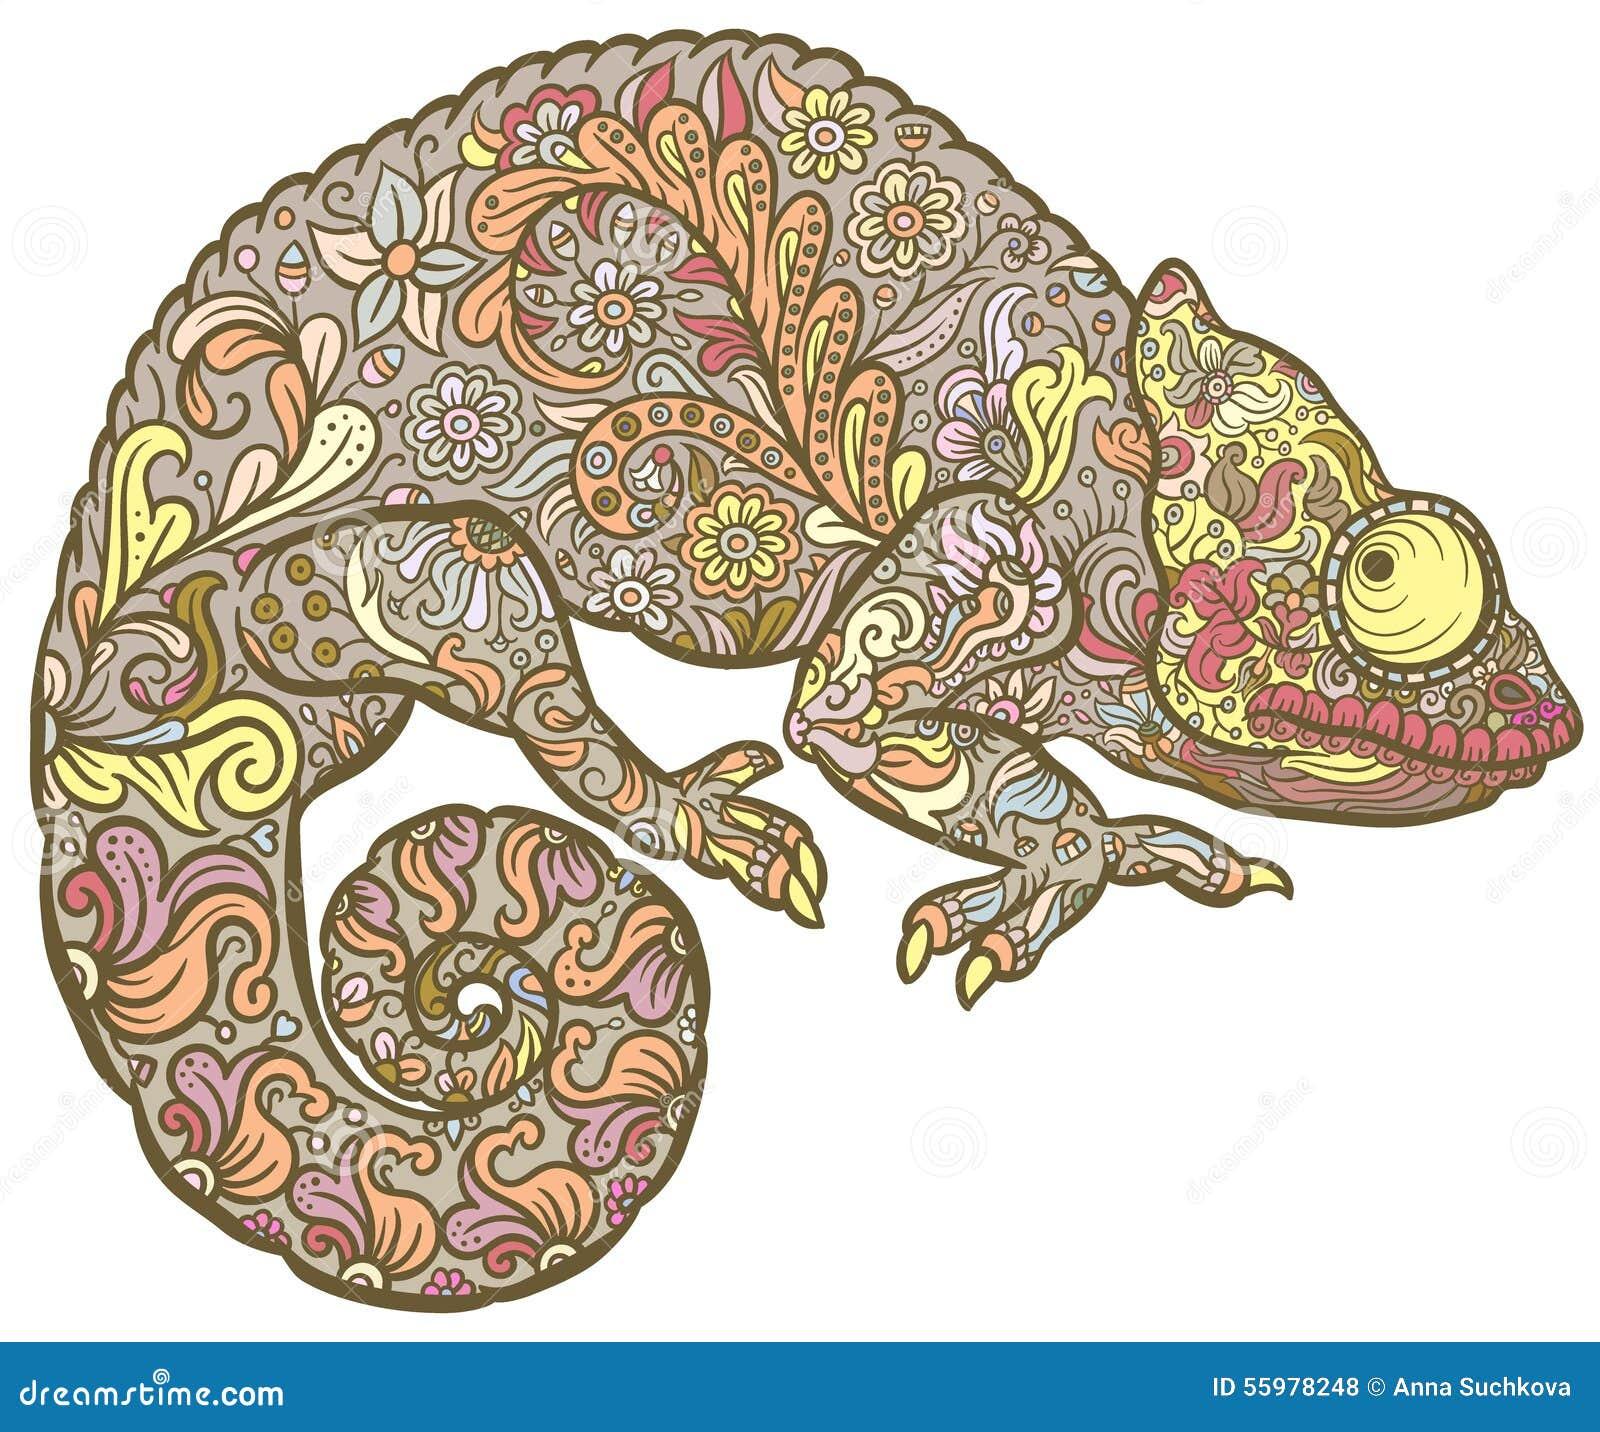 zentangle stylized multi coloured chameleon stock vector